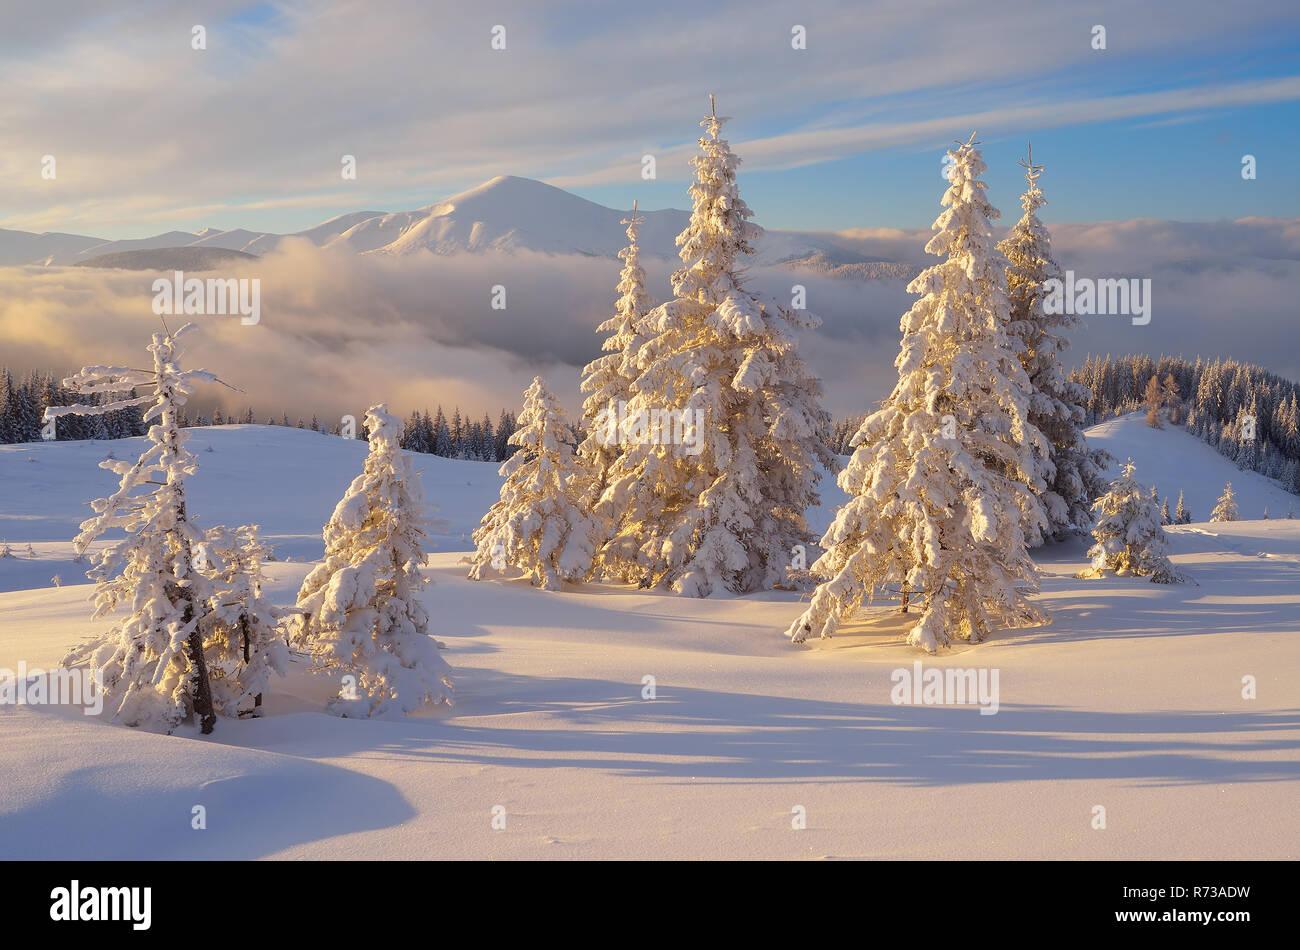 I migliori articoli di oggi. Favoloso Paesaggio Di Natale Abeti Sotto La Neve Belle Montagne Invernali Foto Stock Alamy